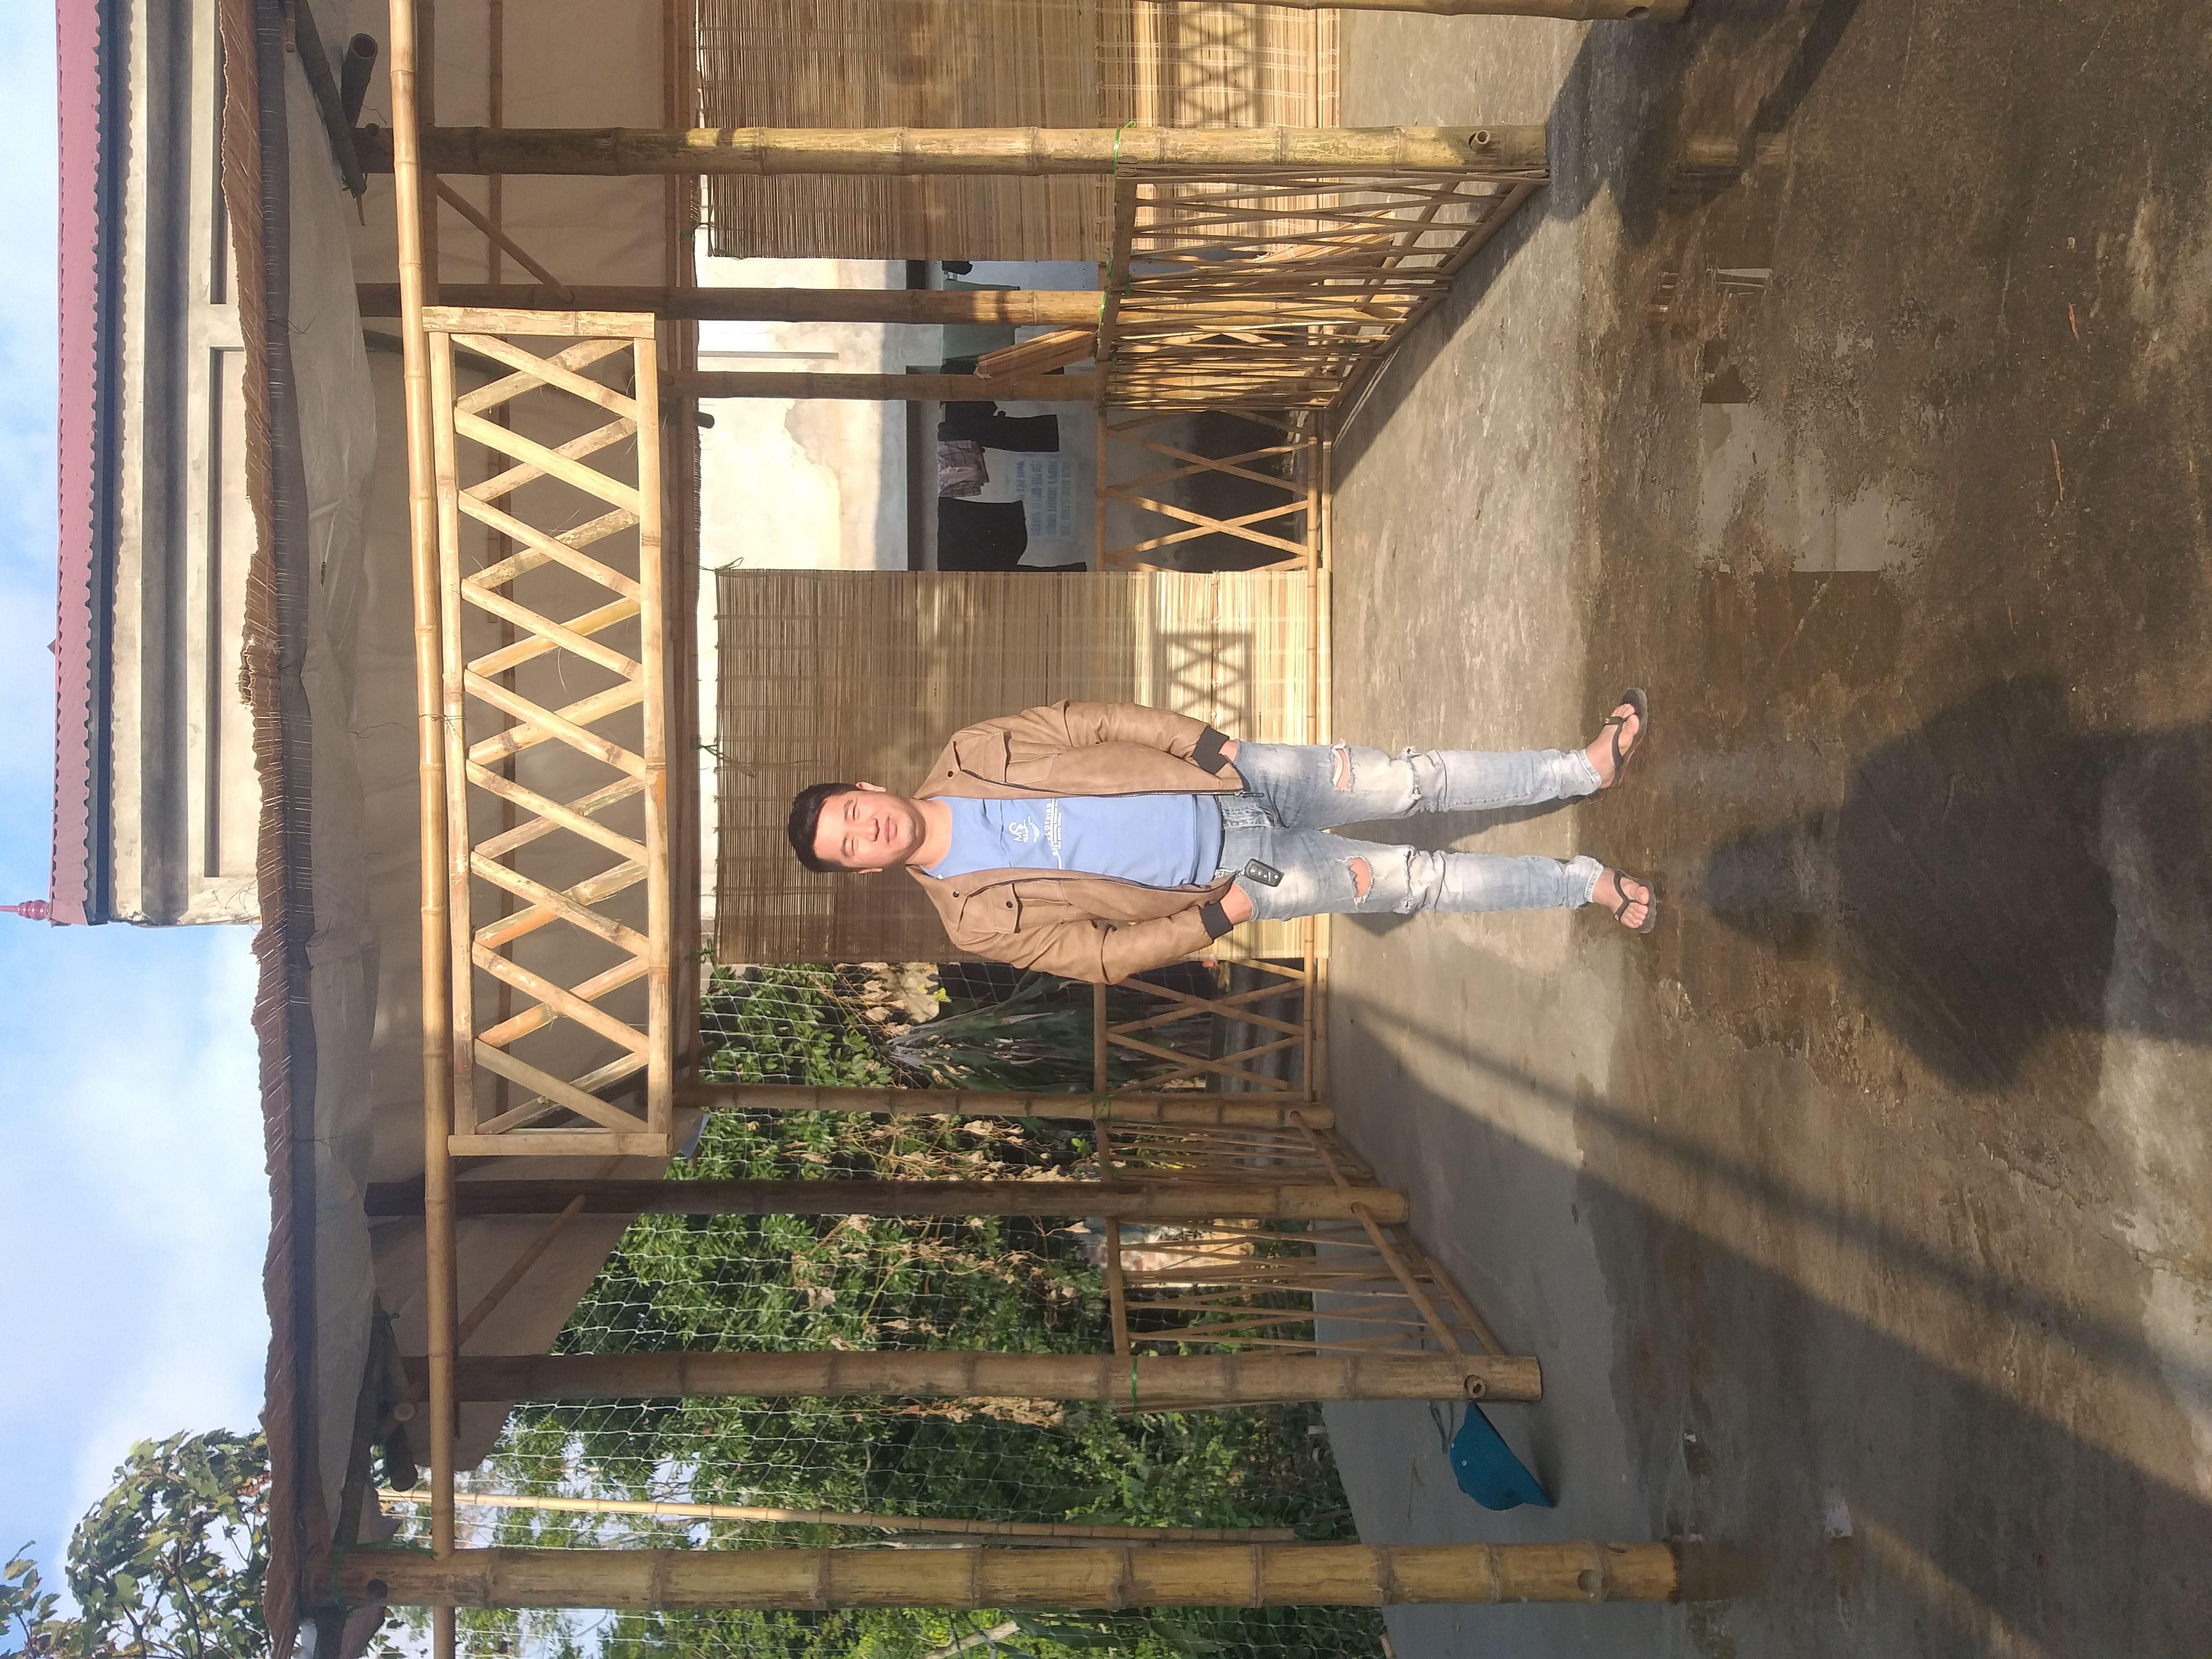 Thi công nhà tre tại tp Hồ Chí Minh - Các dịch vụ sản phẩm tre trúc nứa